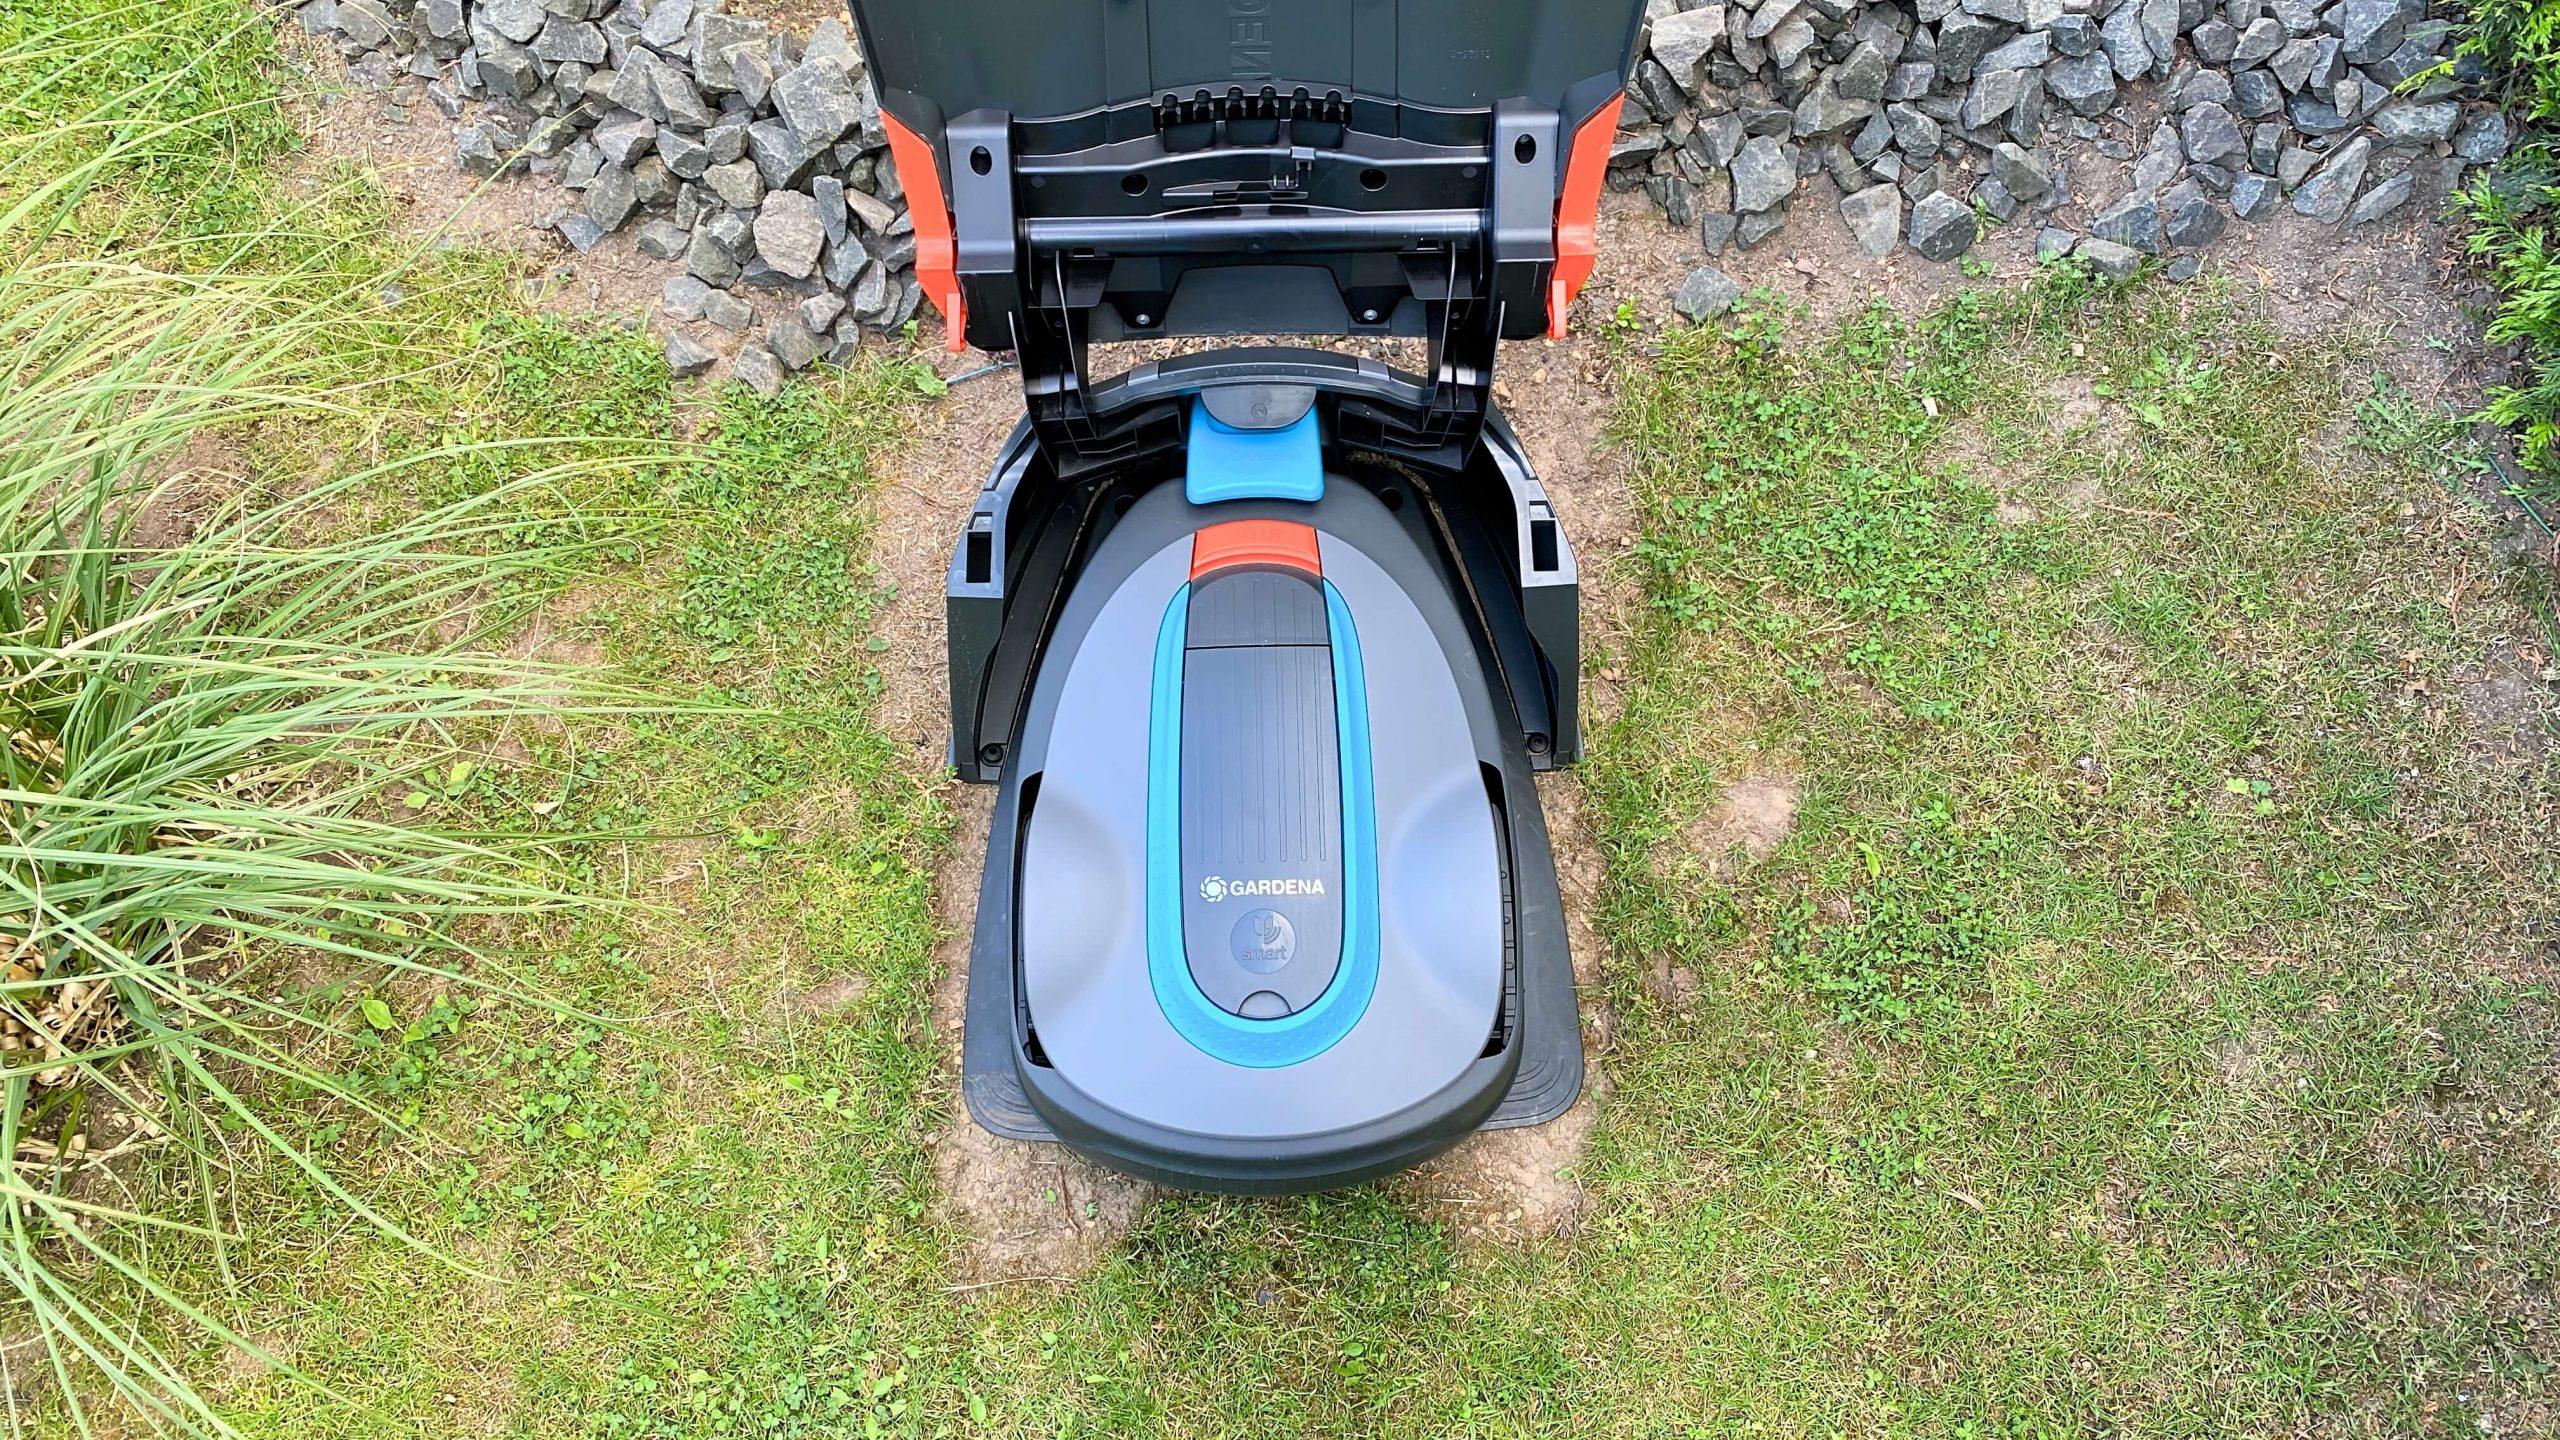 Sileno-City-von-Gardena-ein-stylischer-und-robuster-Rasenmähroboter6-scaled Sileno City von Gardena - stylischer, robuster und smarter Rasenmähroboter